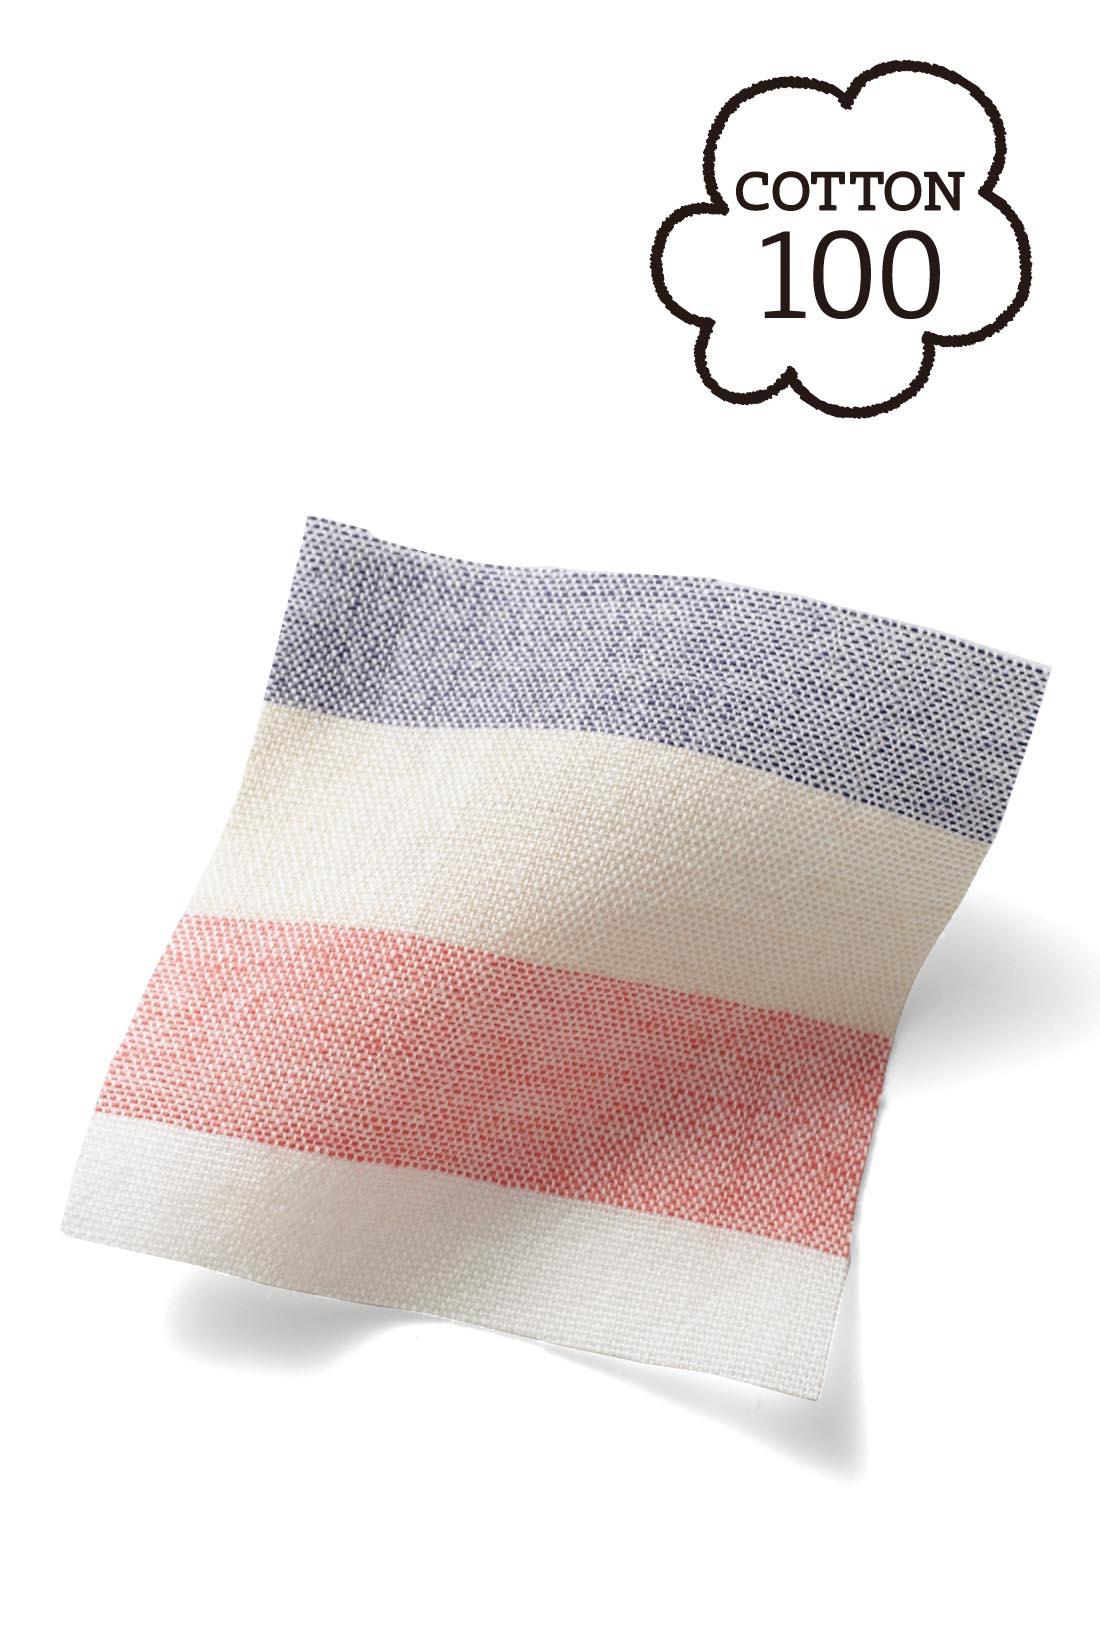 【コットン】 細番手の糸で織ることで軽さが加わって、風が通る着心地に。